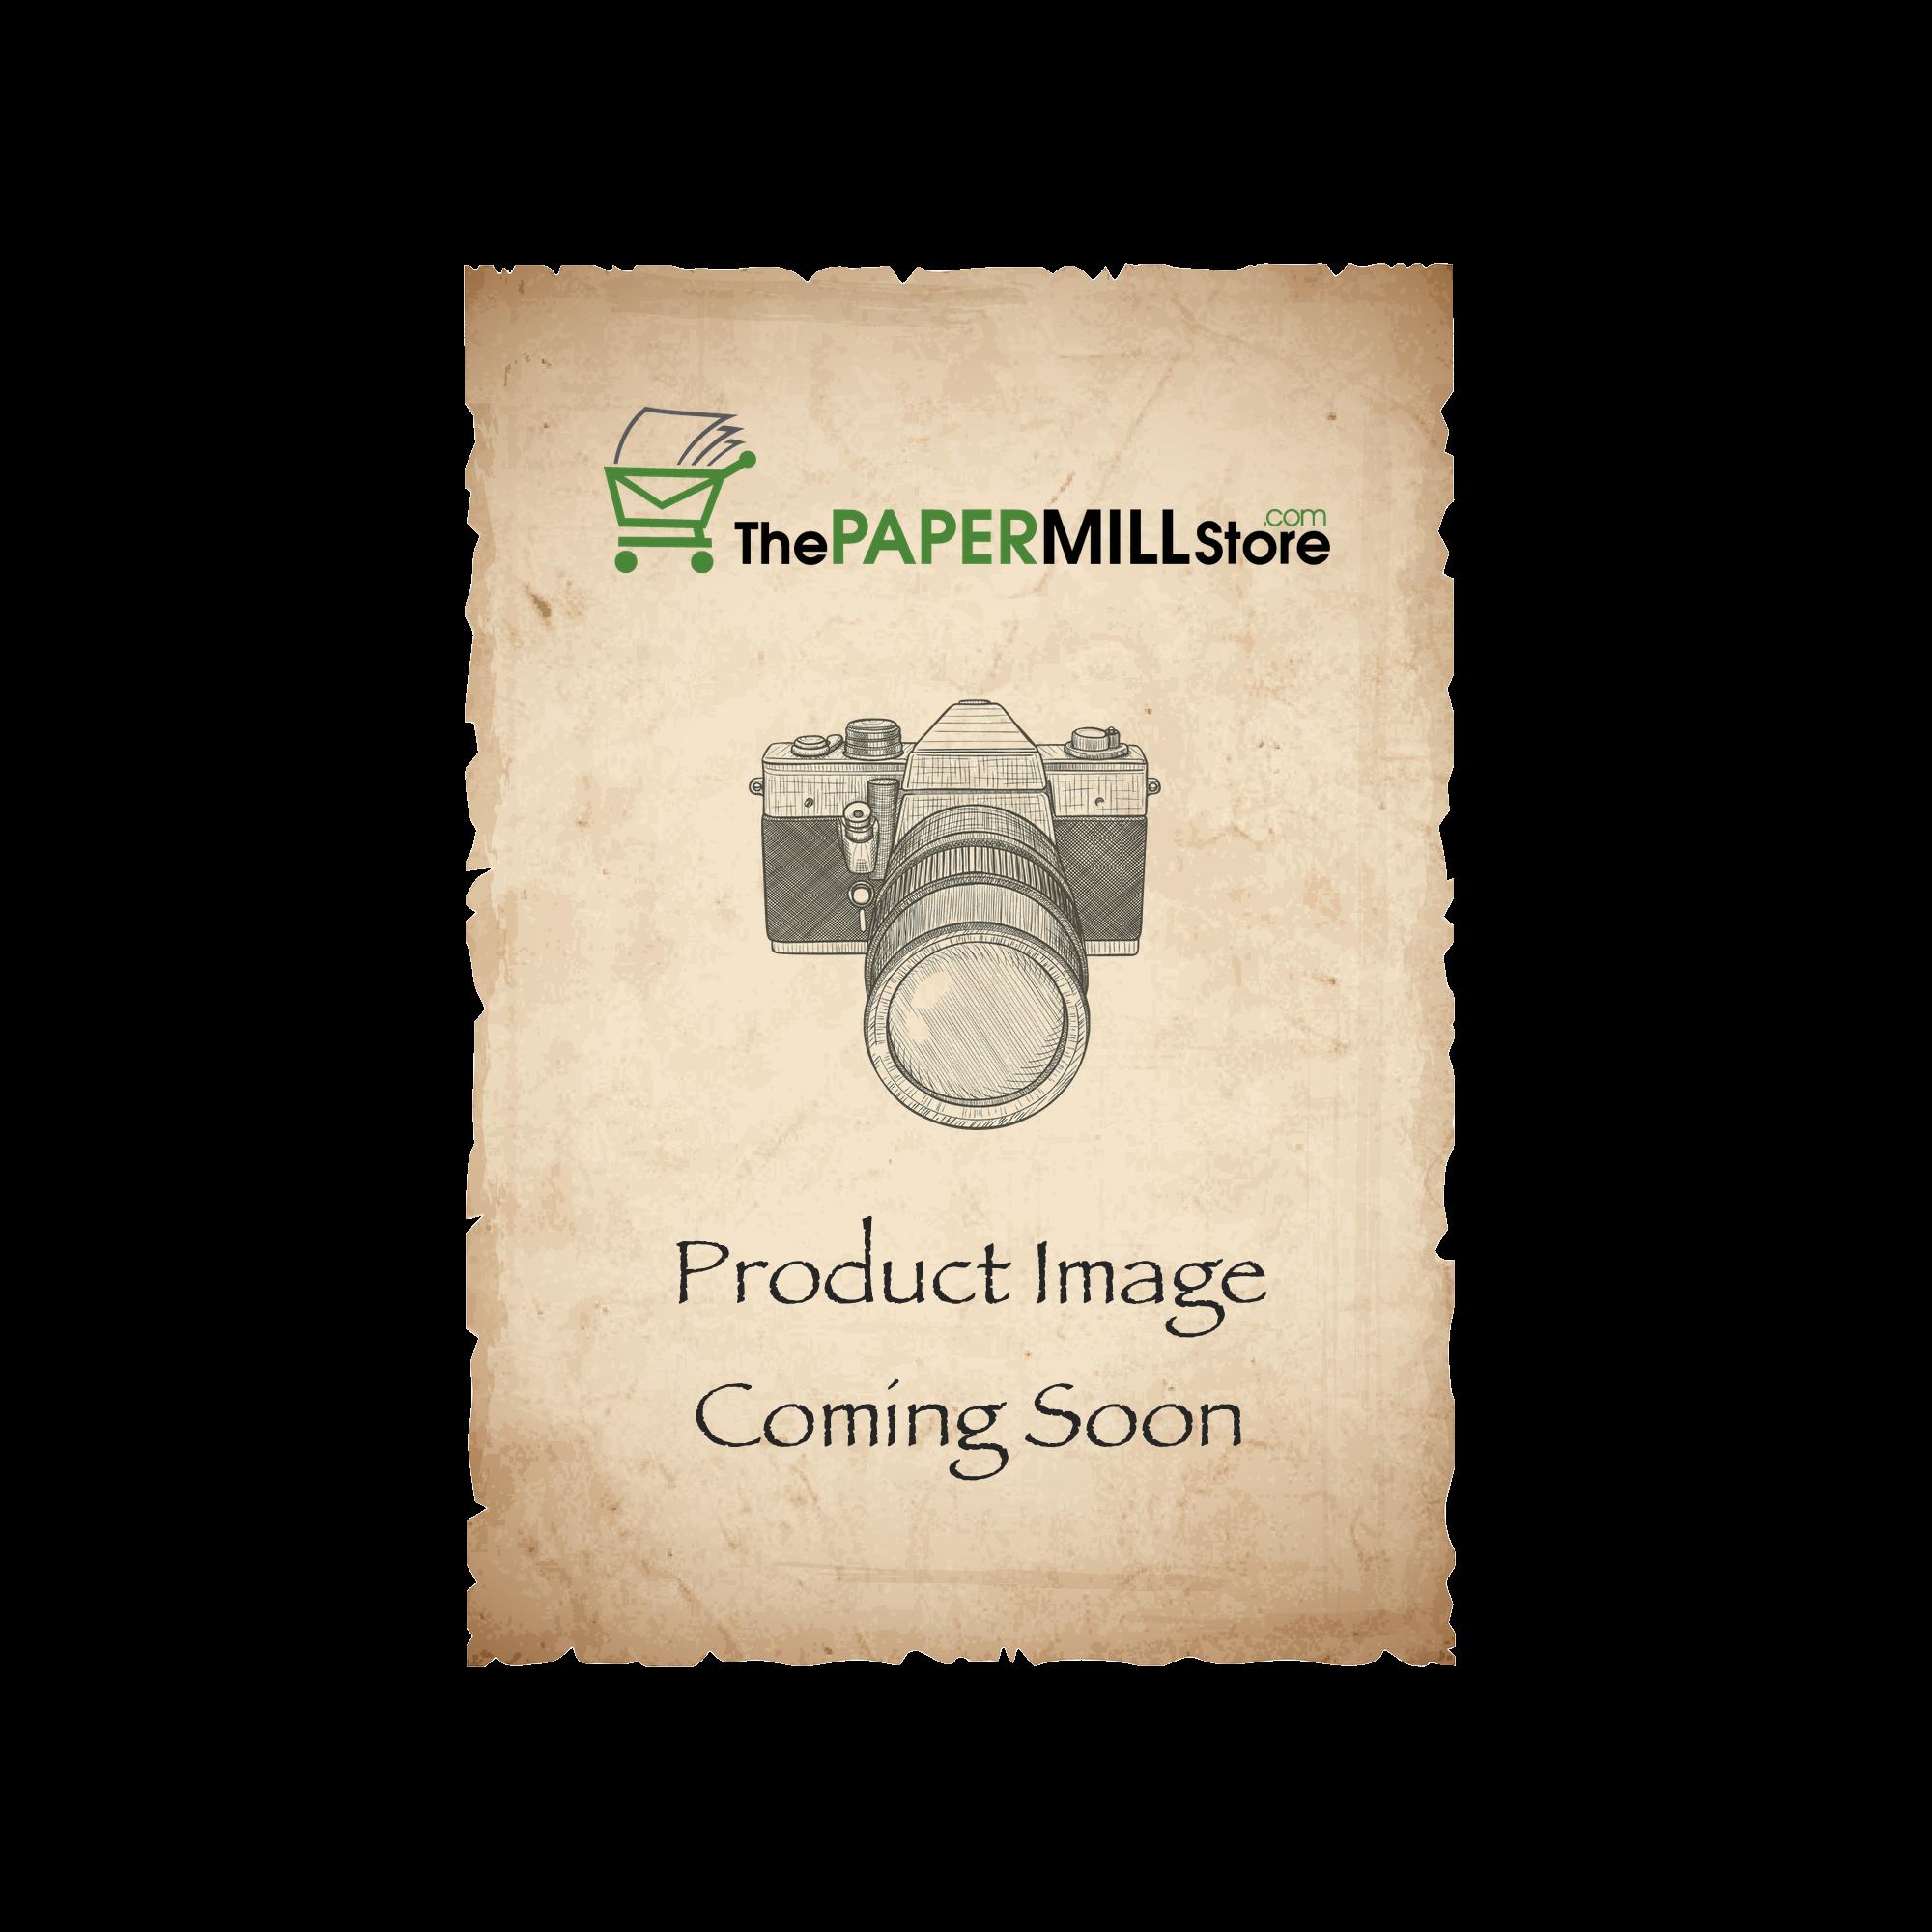 Splendorlux White Paper - 27 1/2 x 39 3/8 in 11.5 pt Cover Laser C/1S 125 per Package